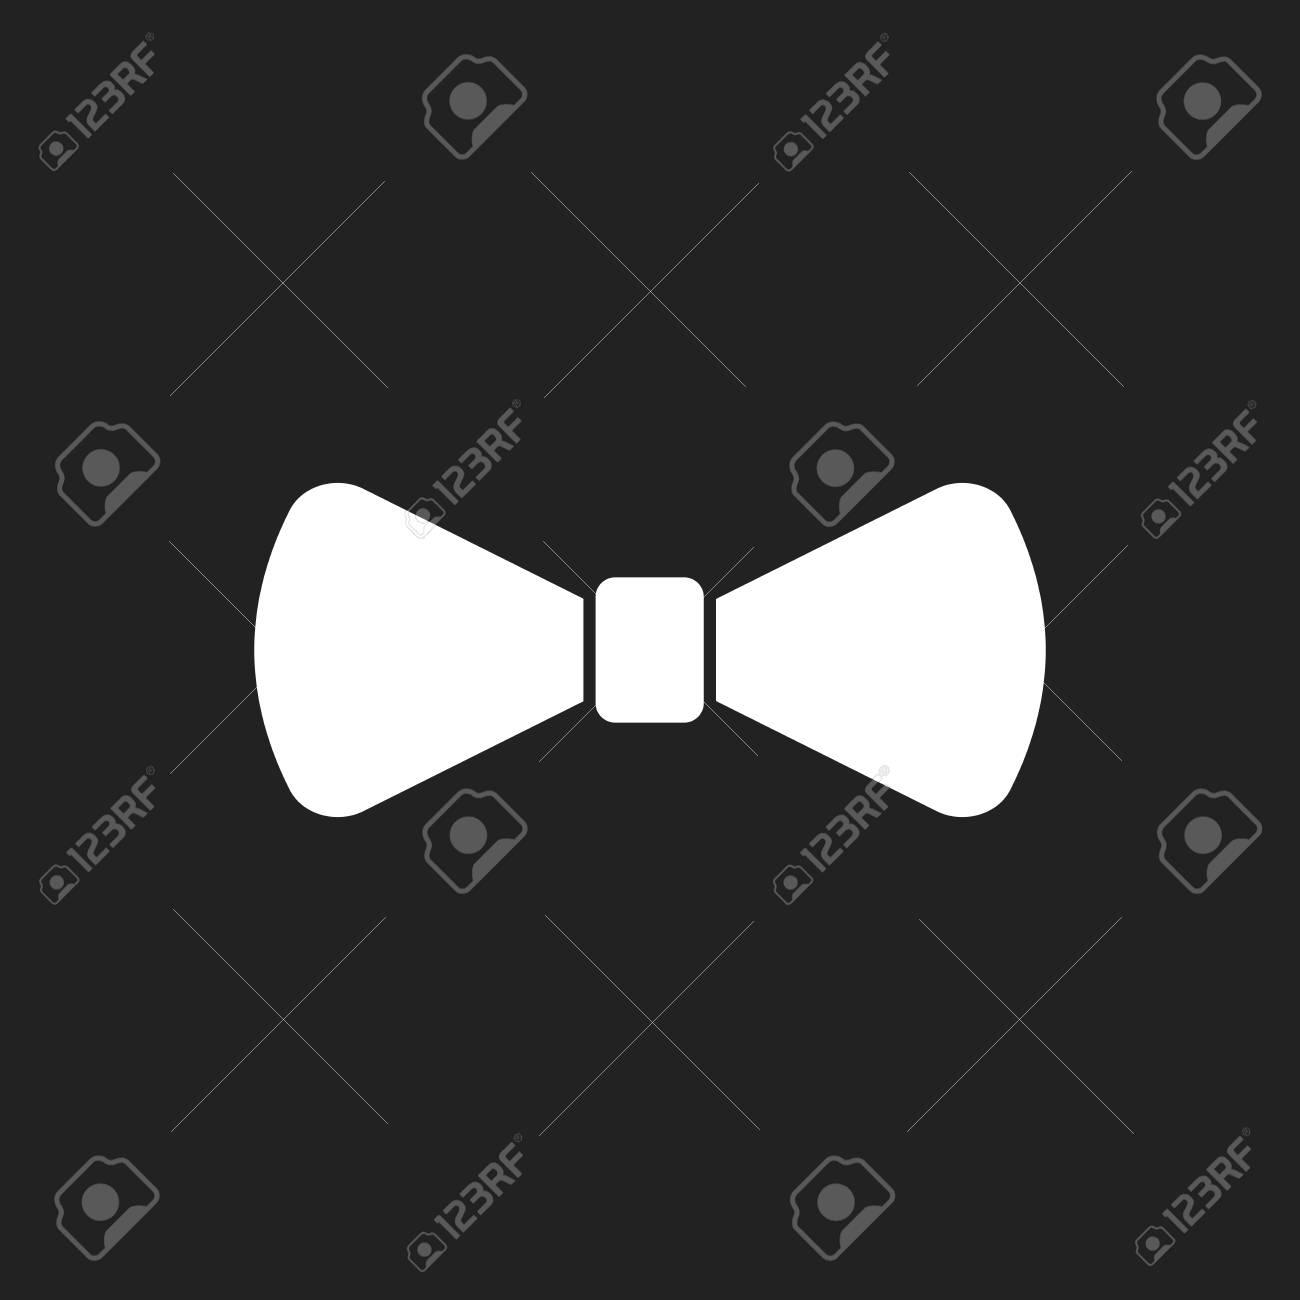 Pajarita icono plano. Ilustración del vector de la corbata.